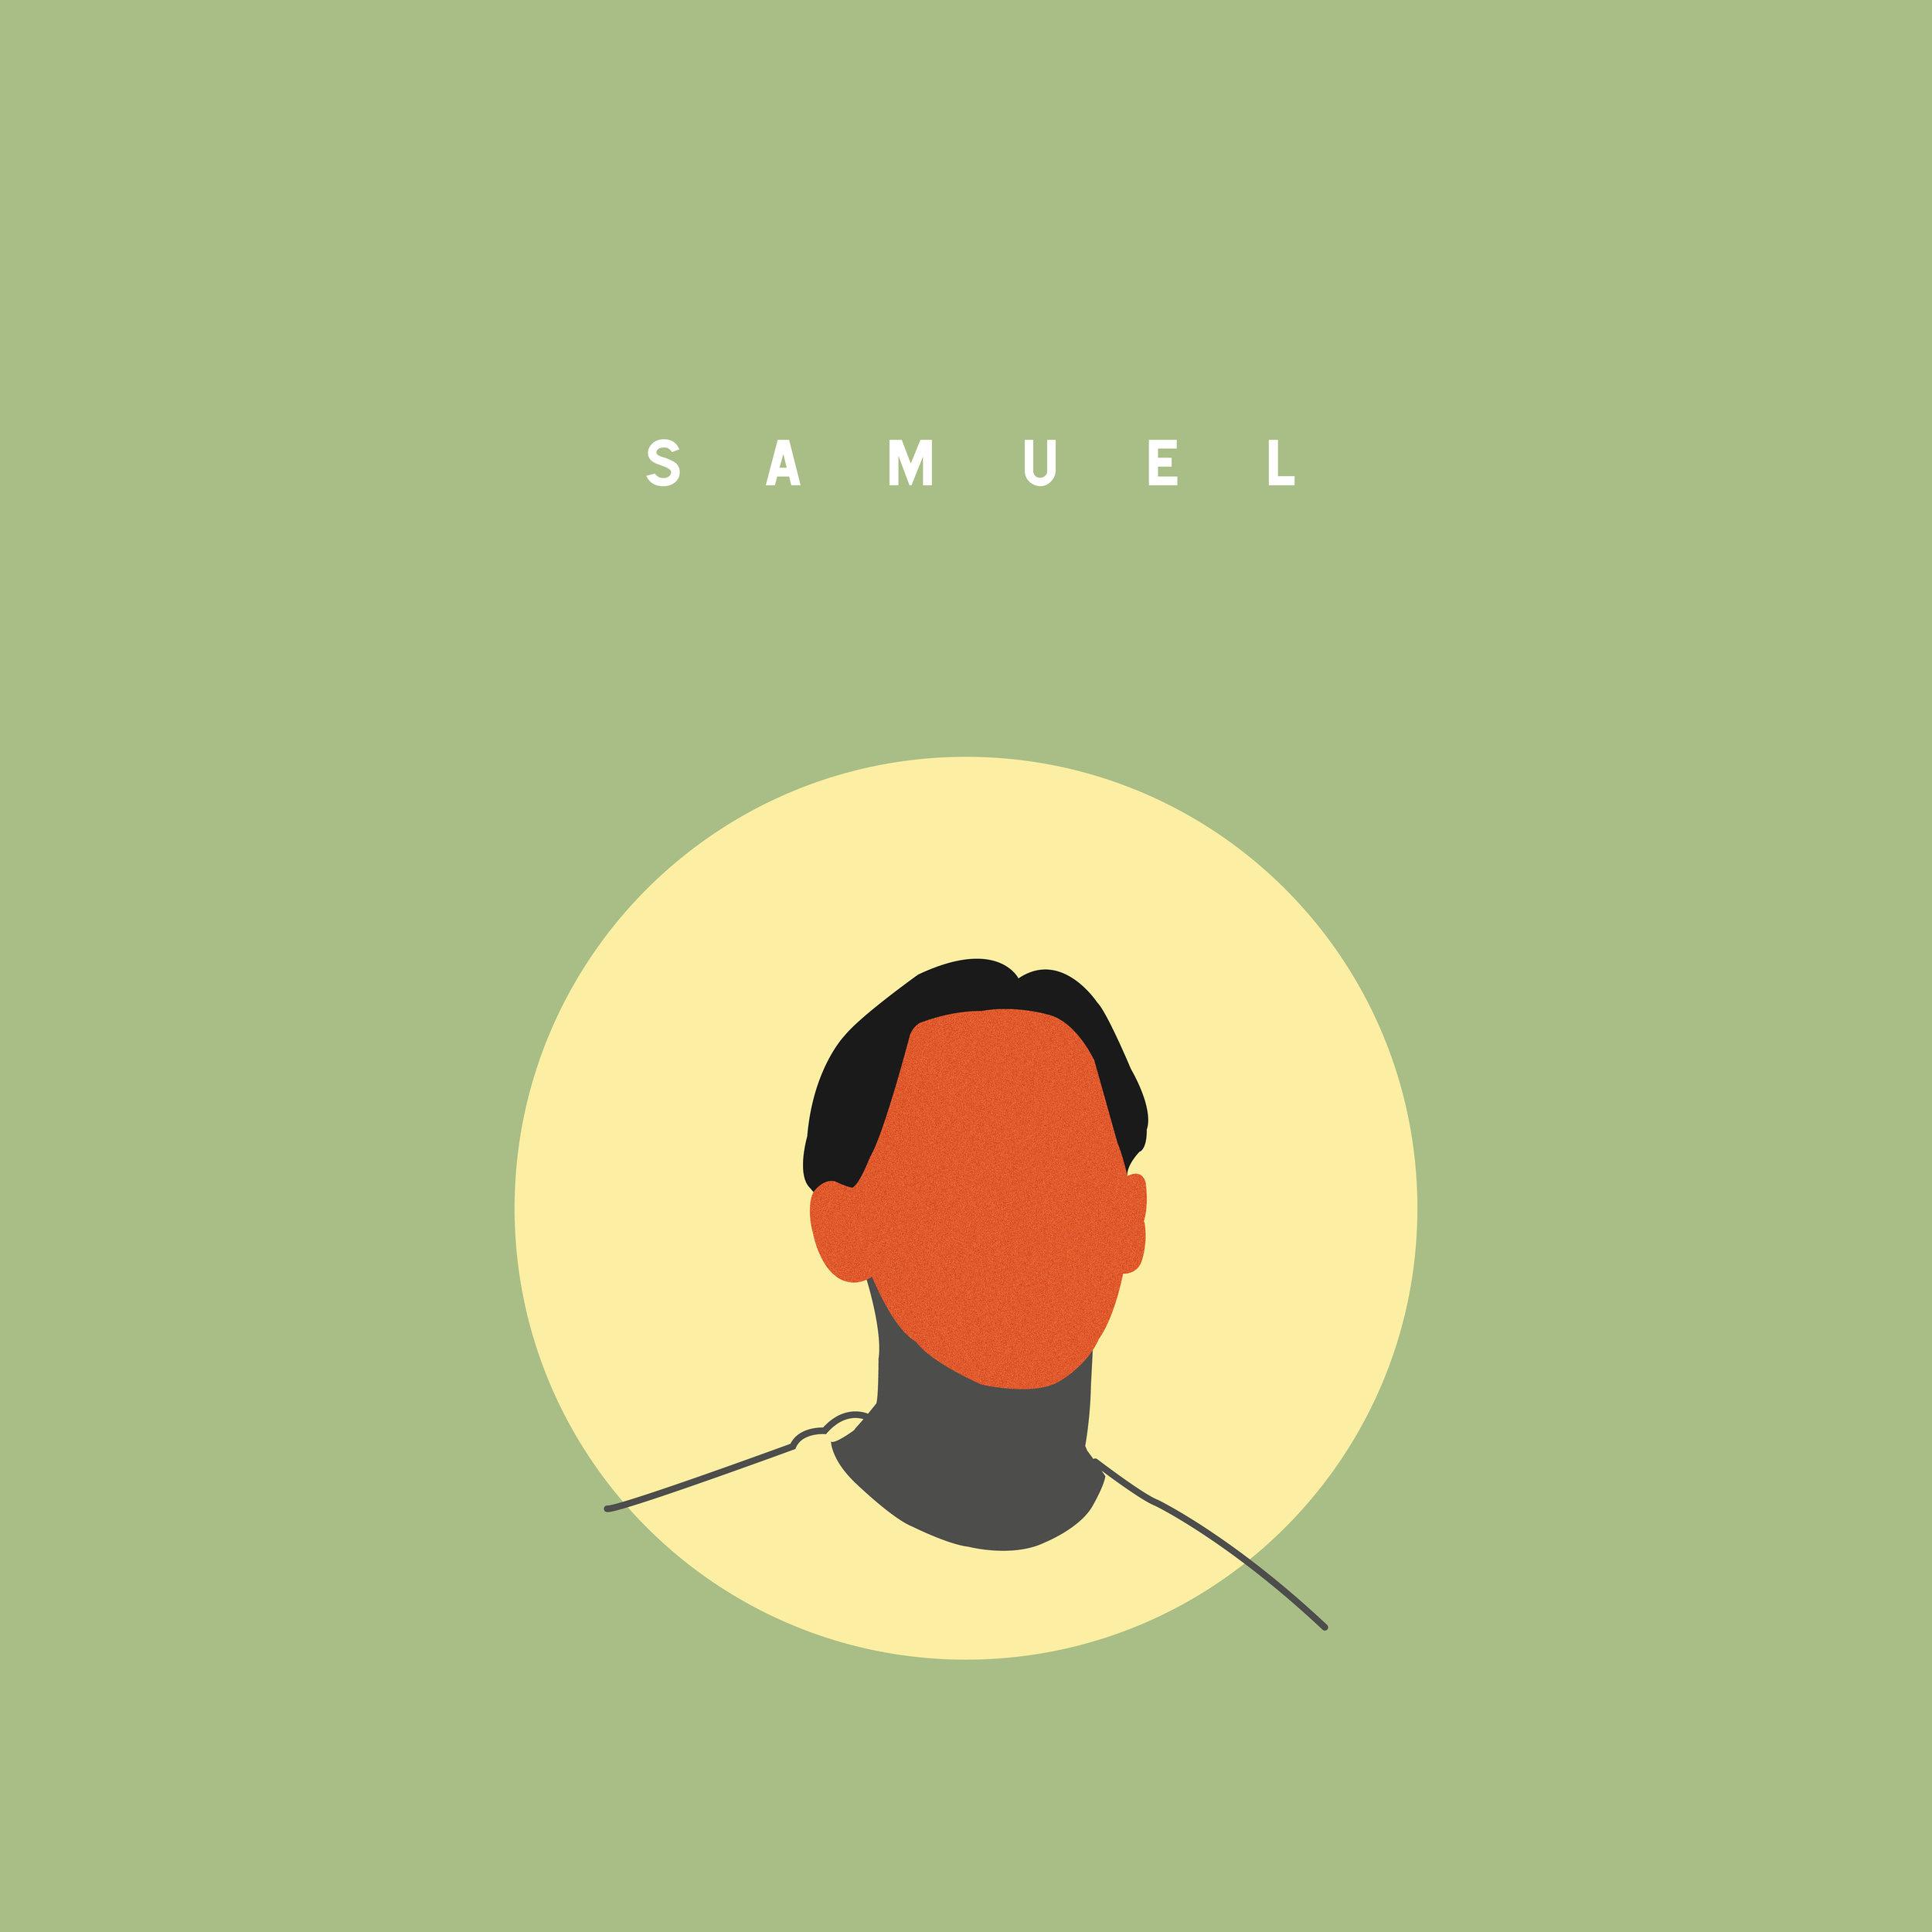 Samuel_insta.jpg